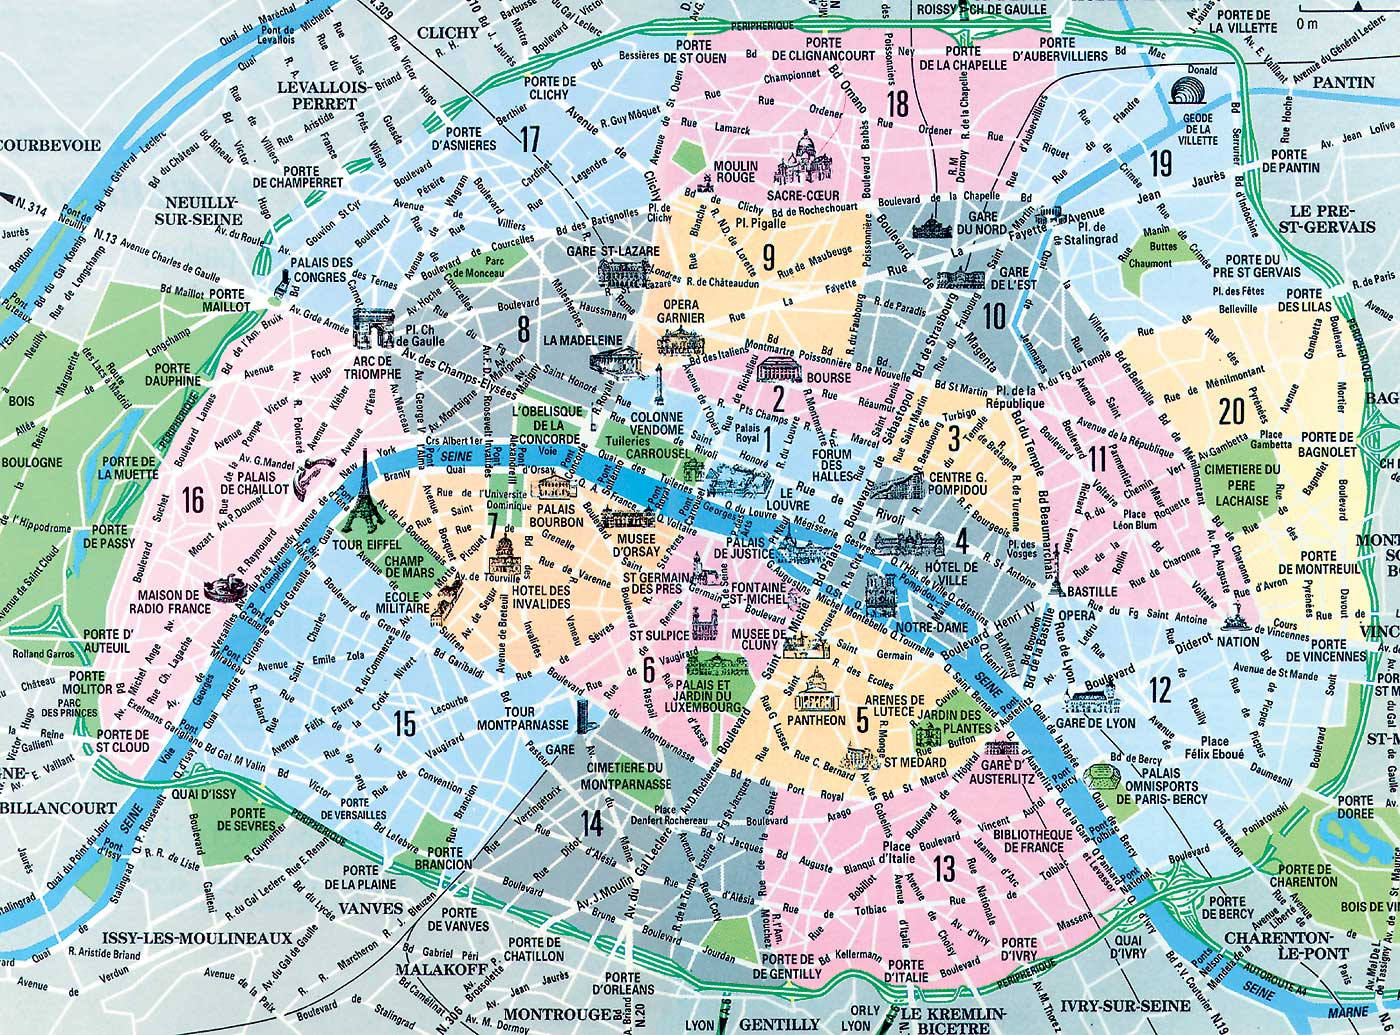 Отели в париже по округам